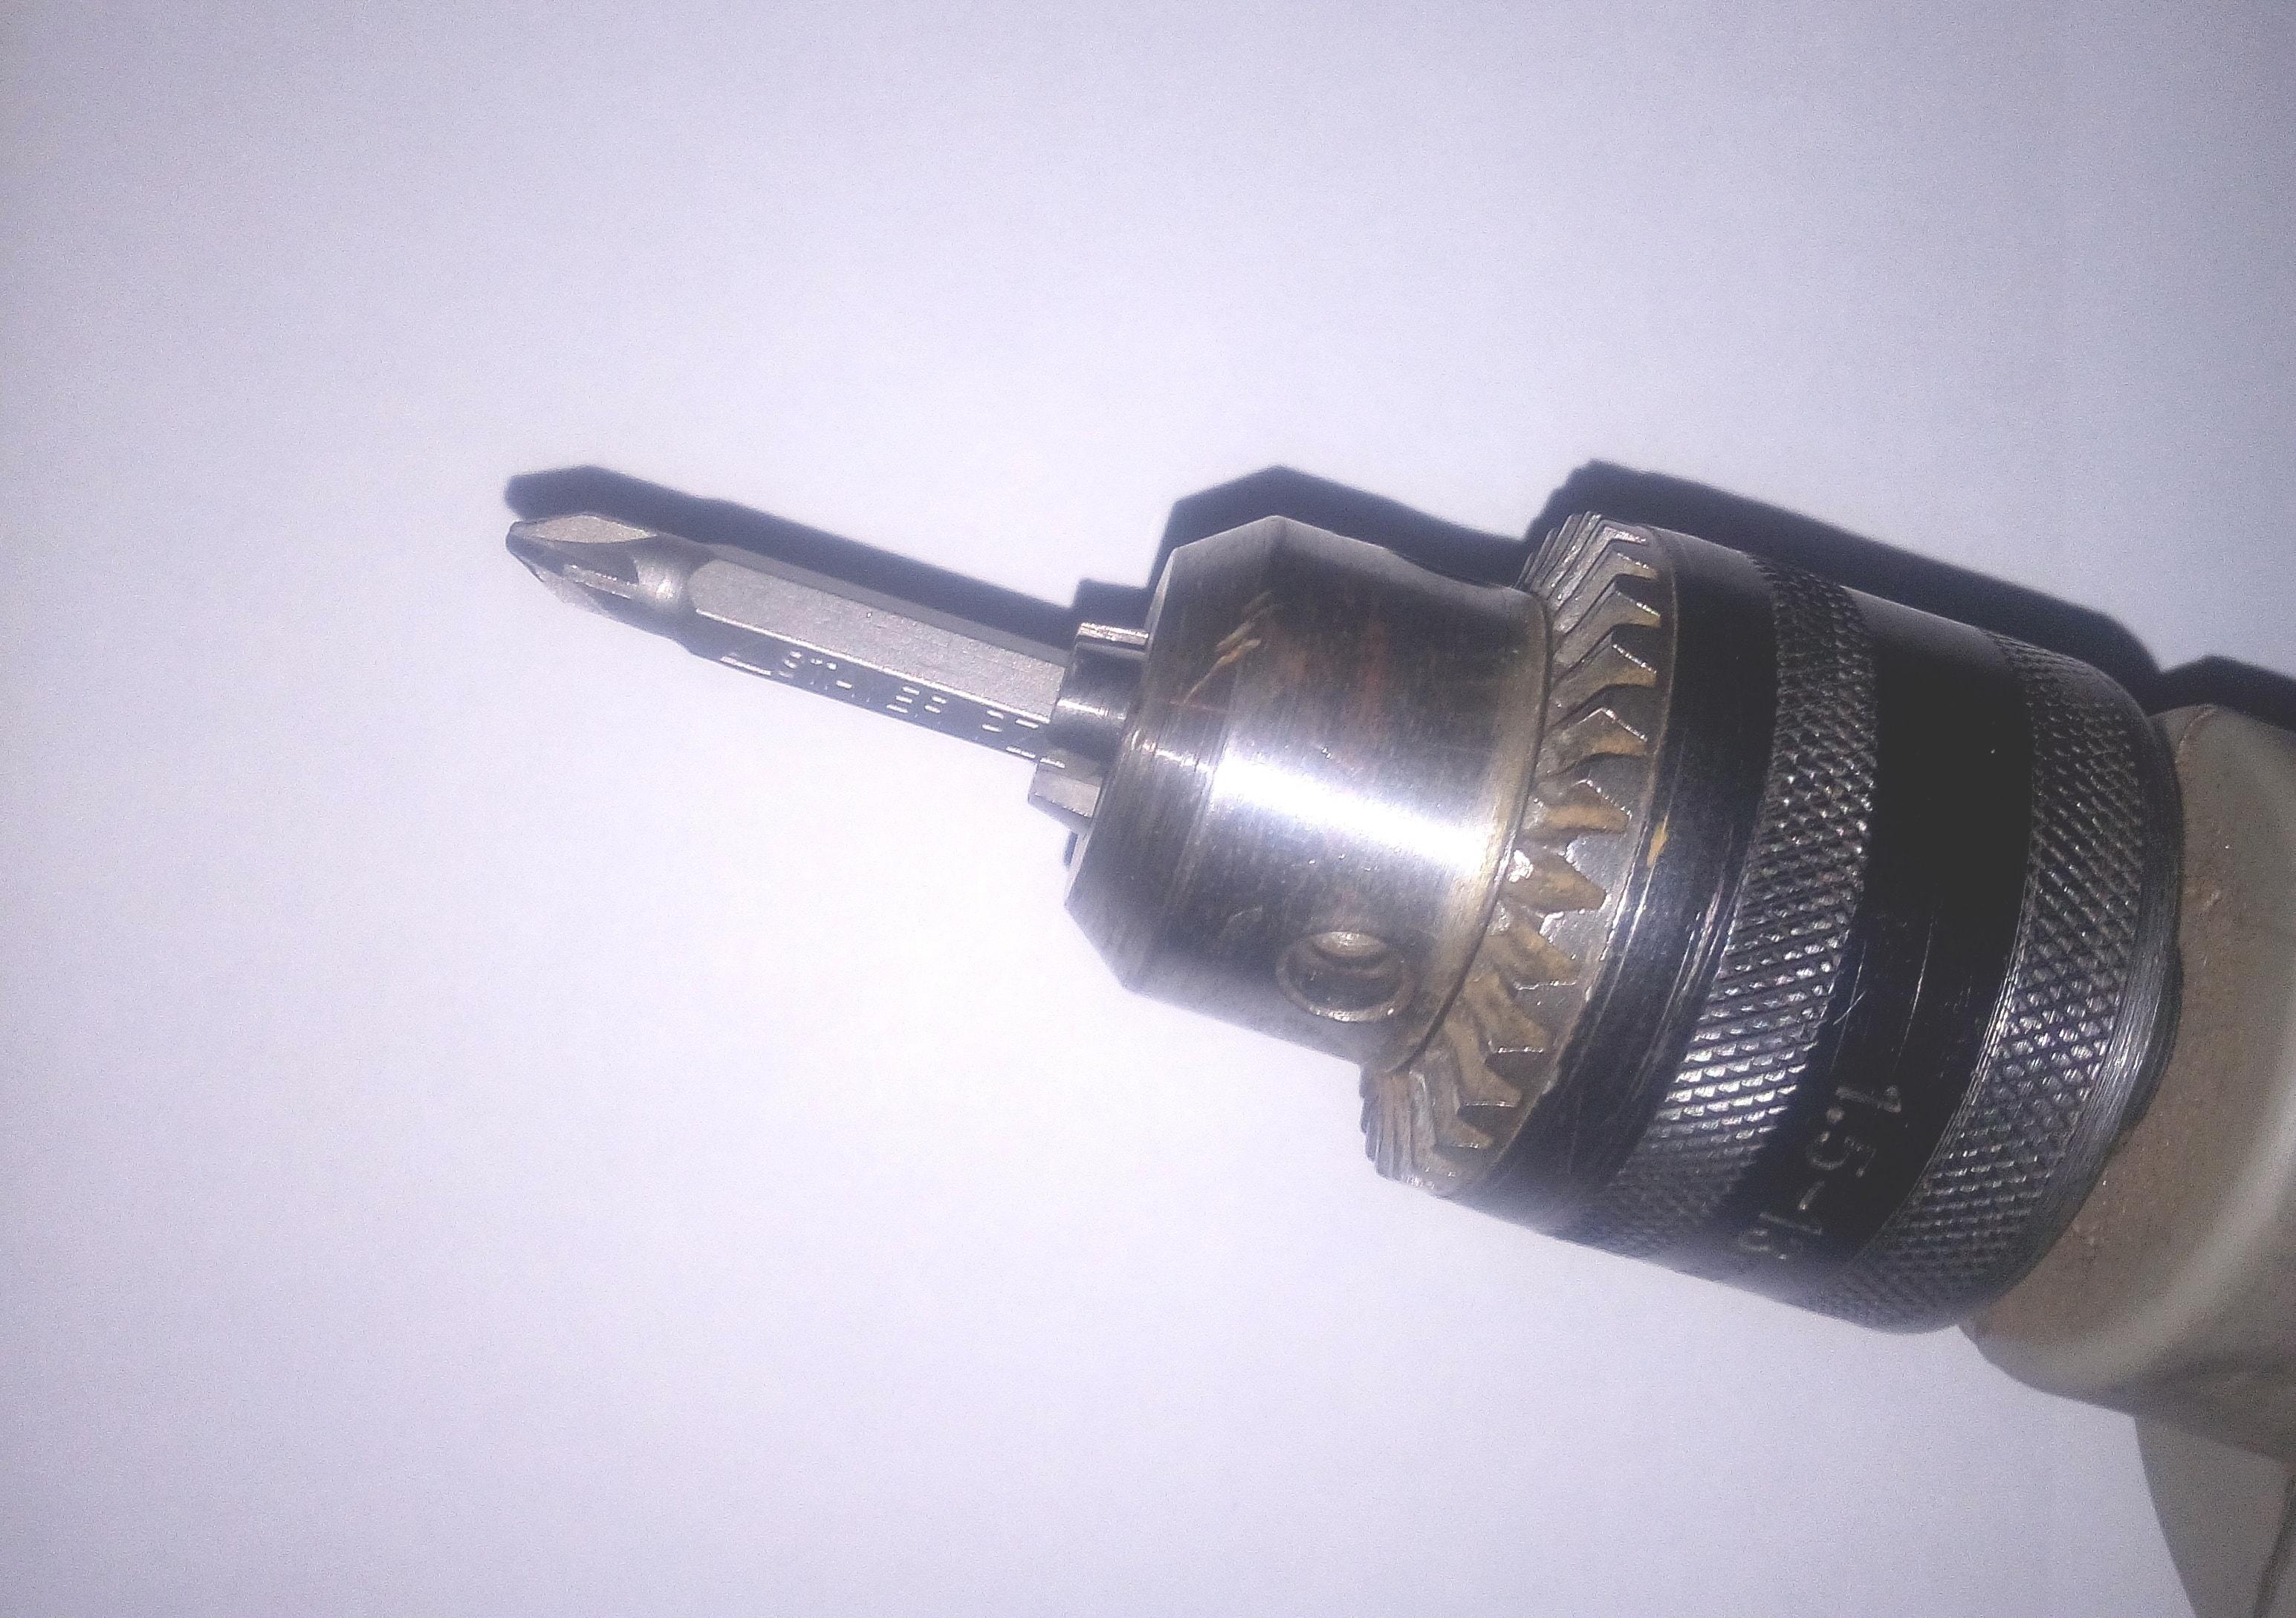 Закрепляем биту в патроне электродрели